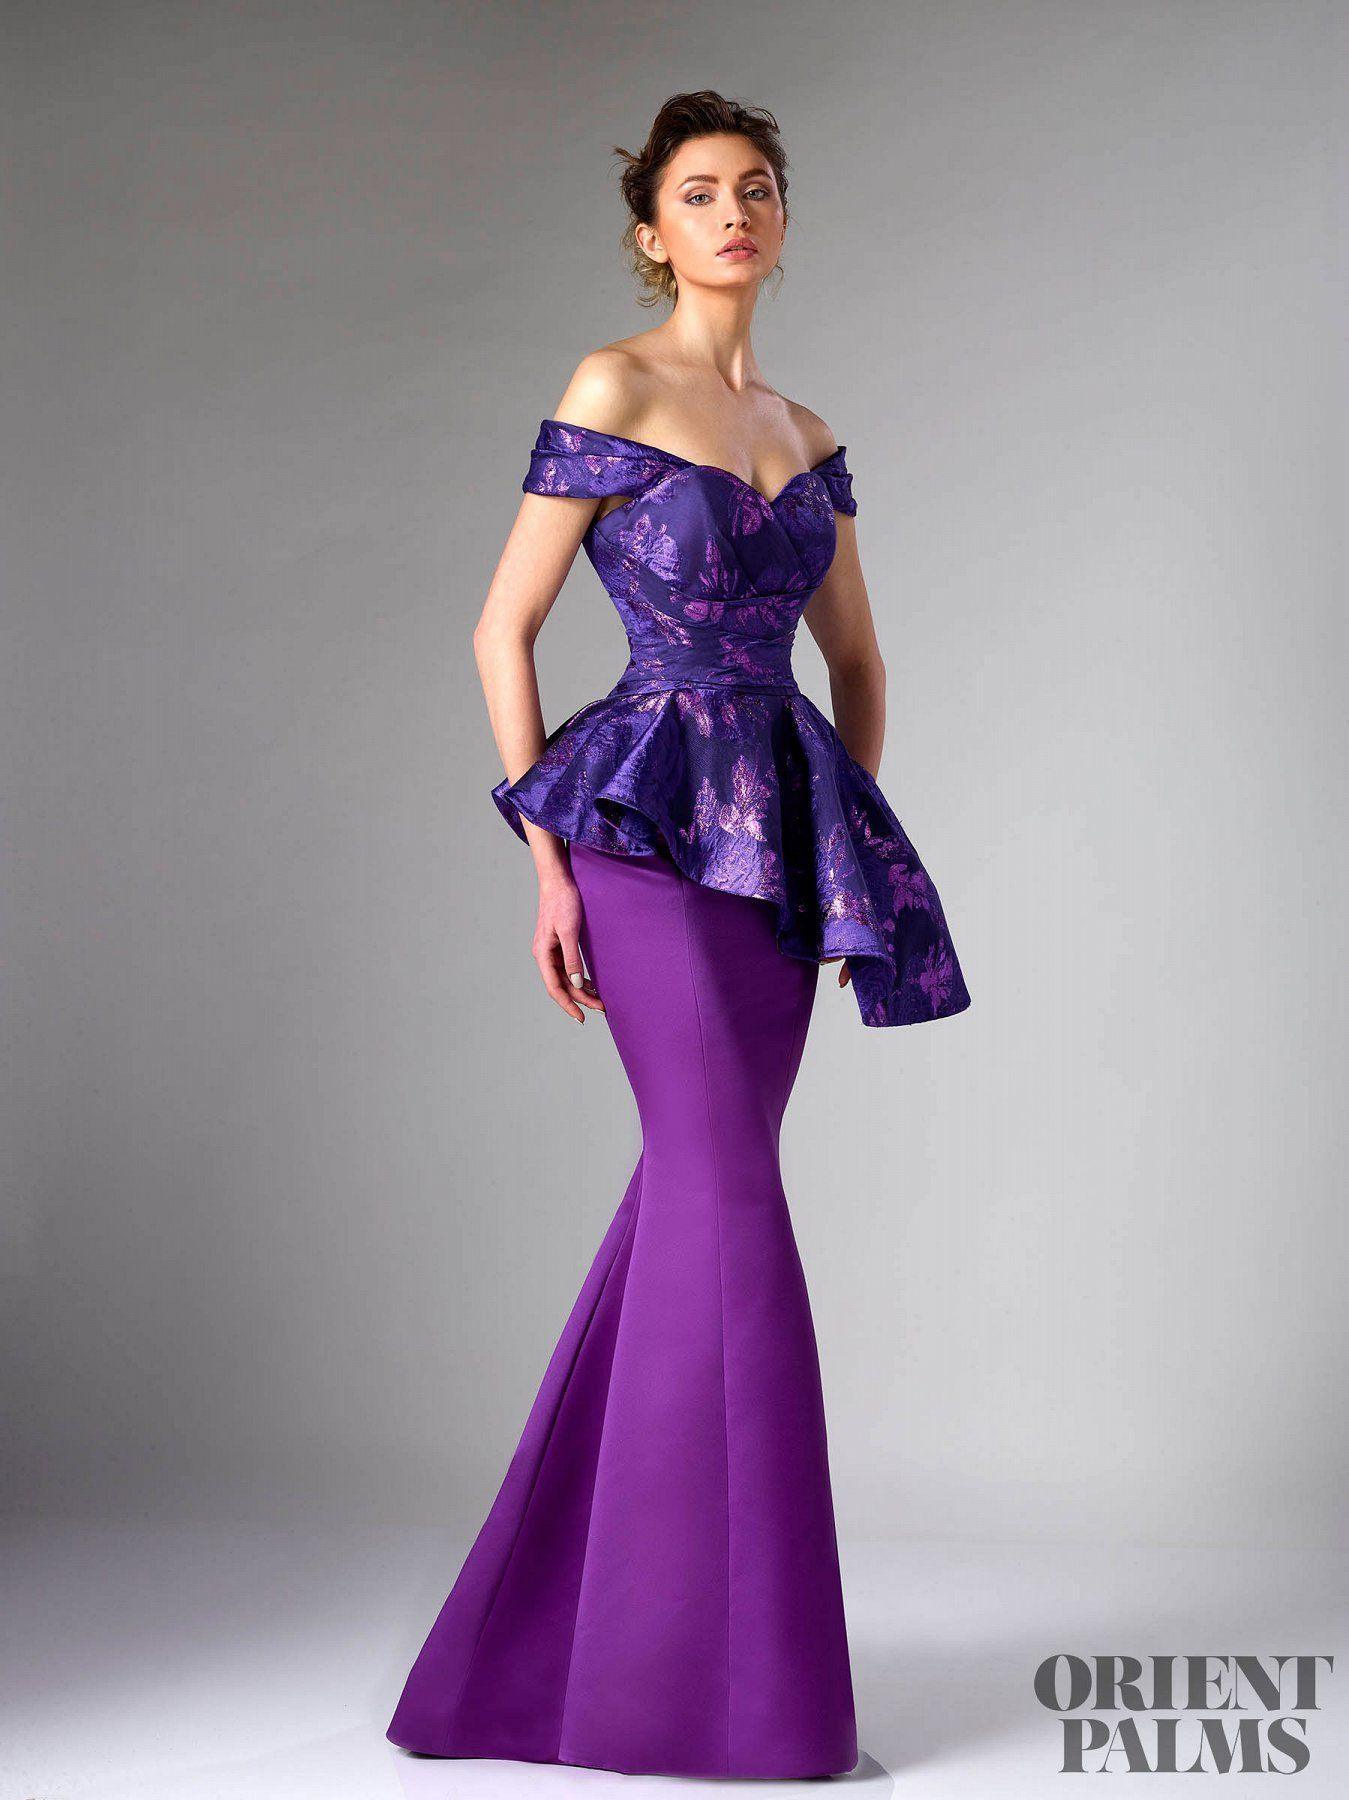 15 Schön Mode W Abendkleider Design13 Großartig Mode W Abendkleider Stylish